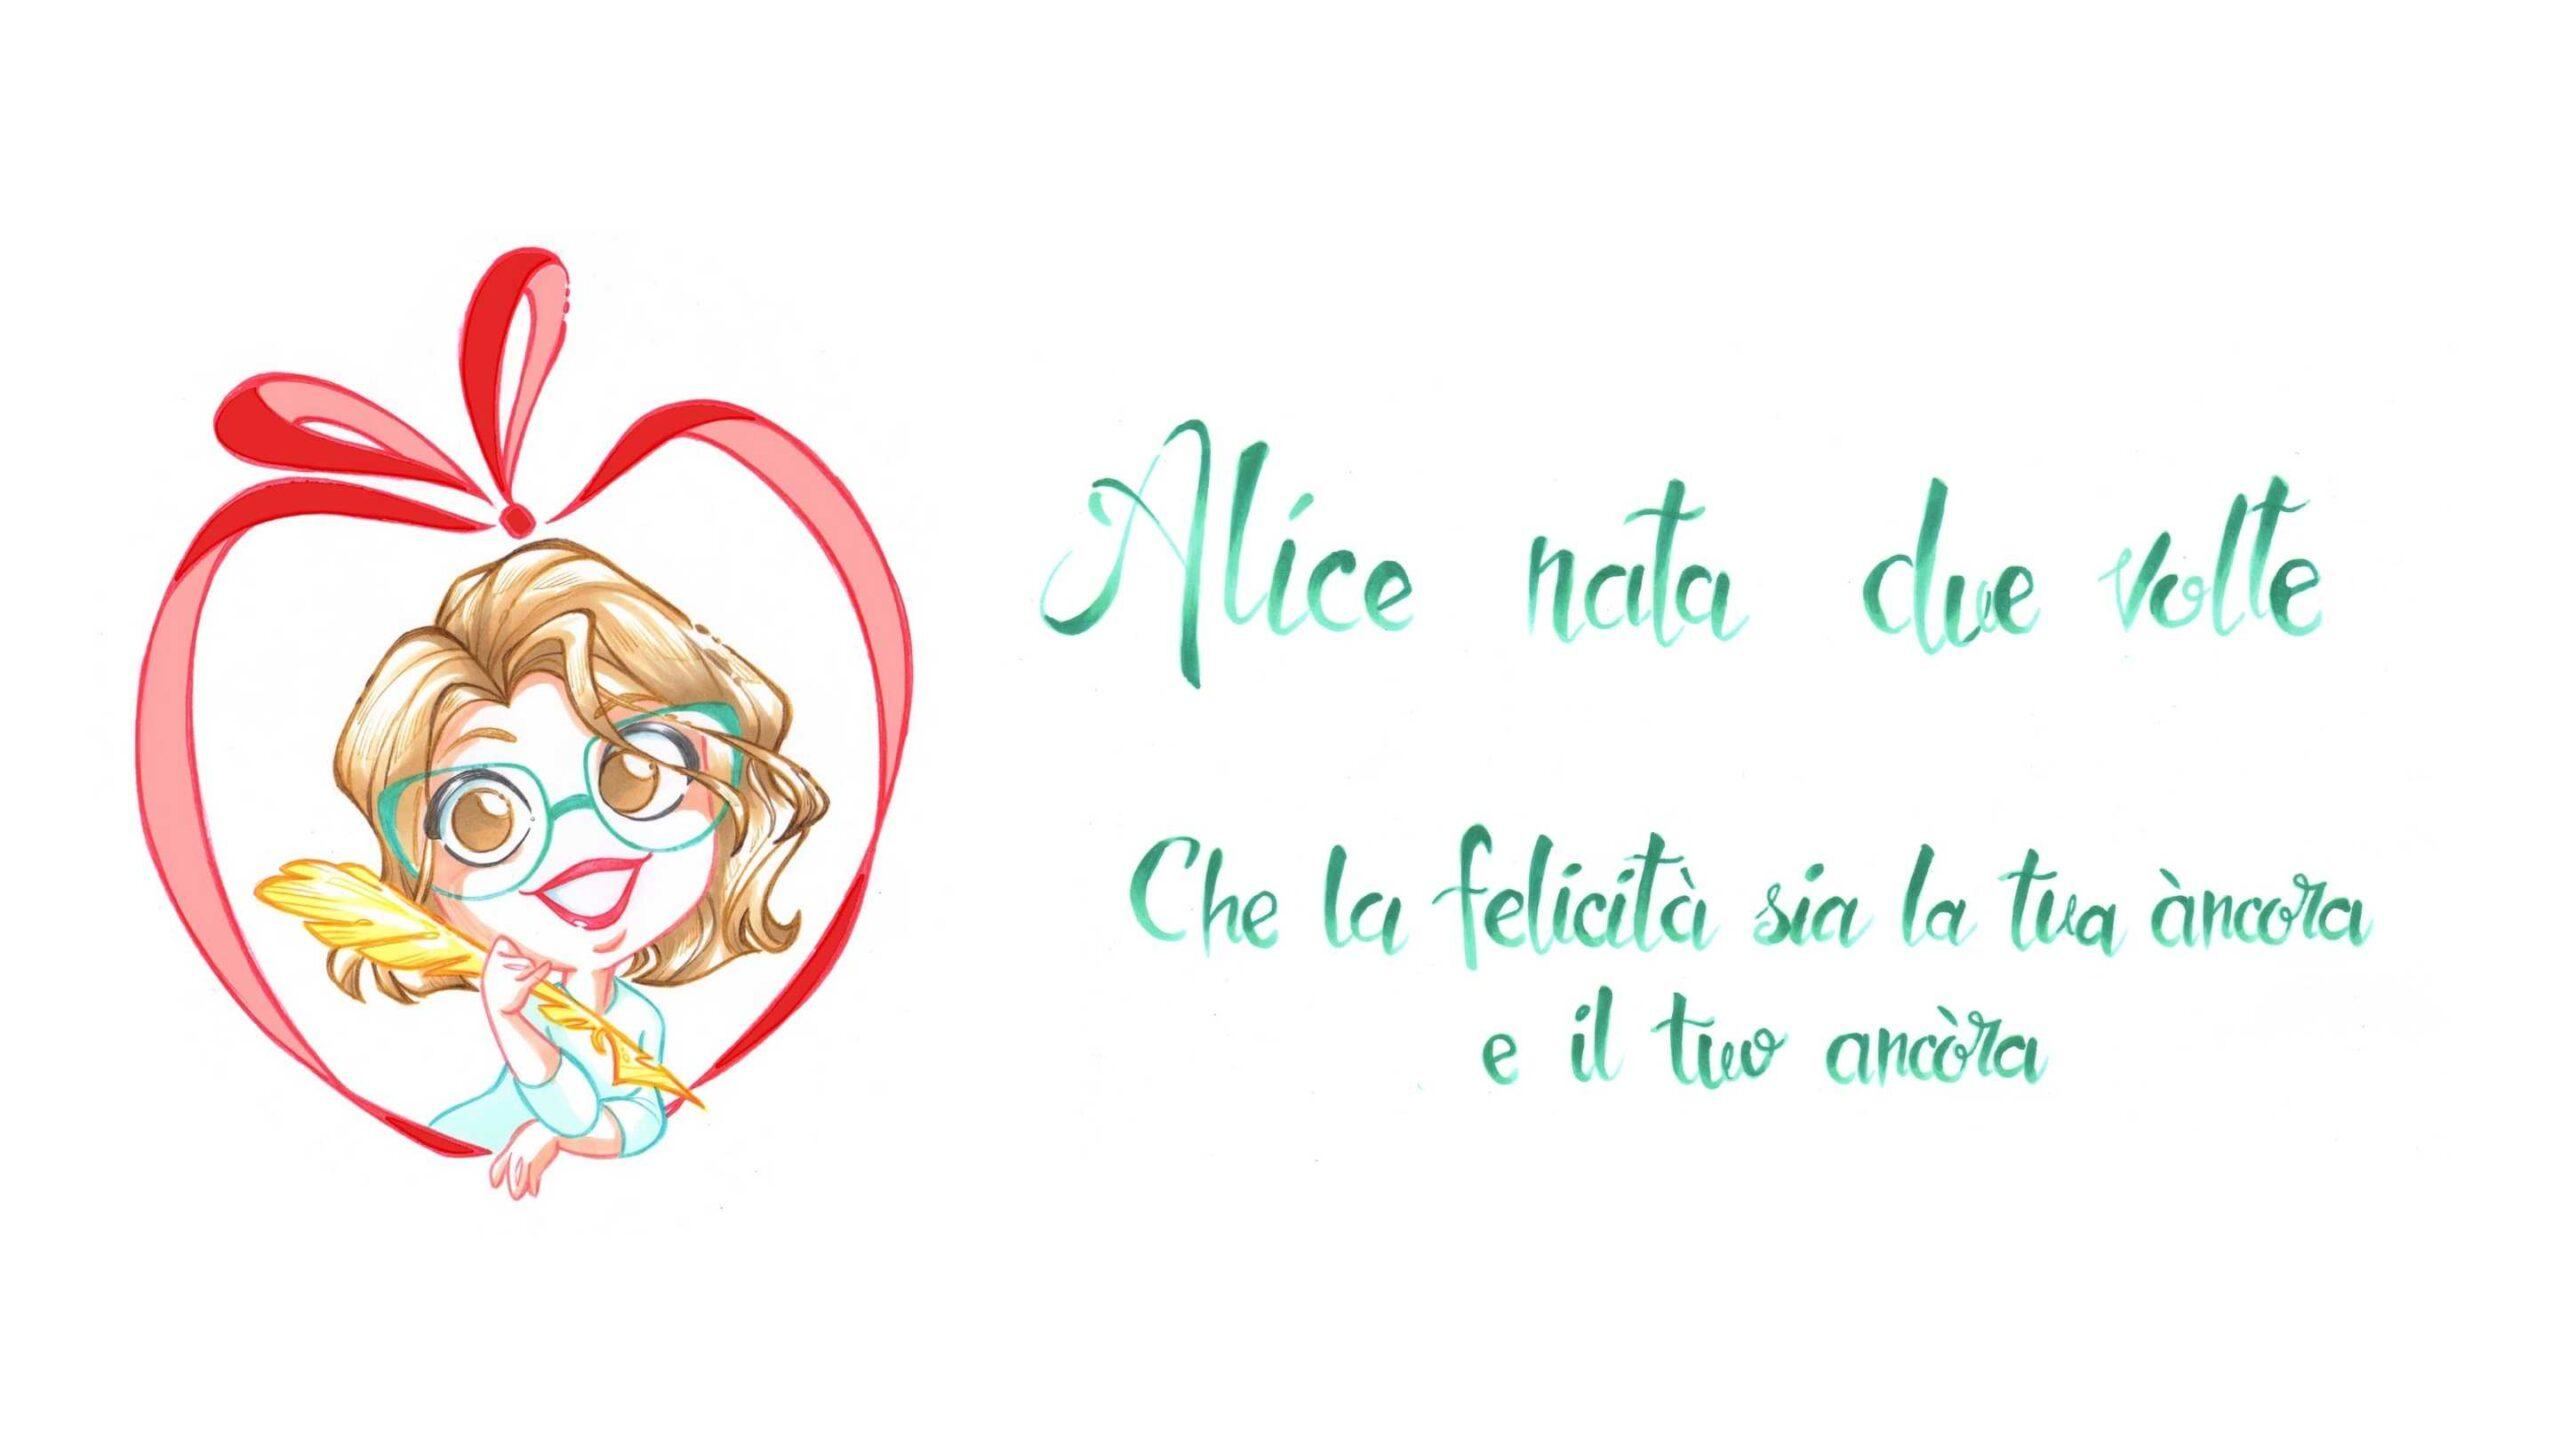 Alice Nata Due Volte